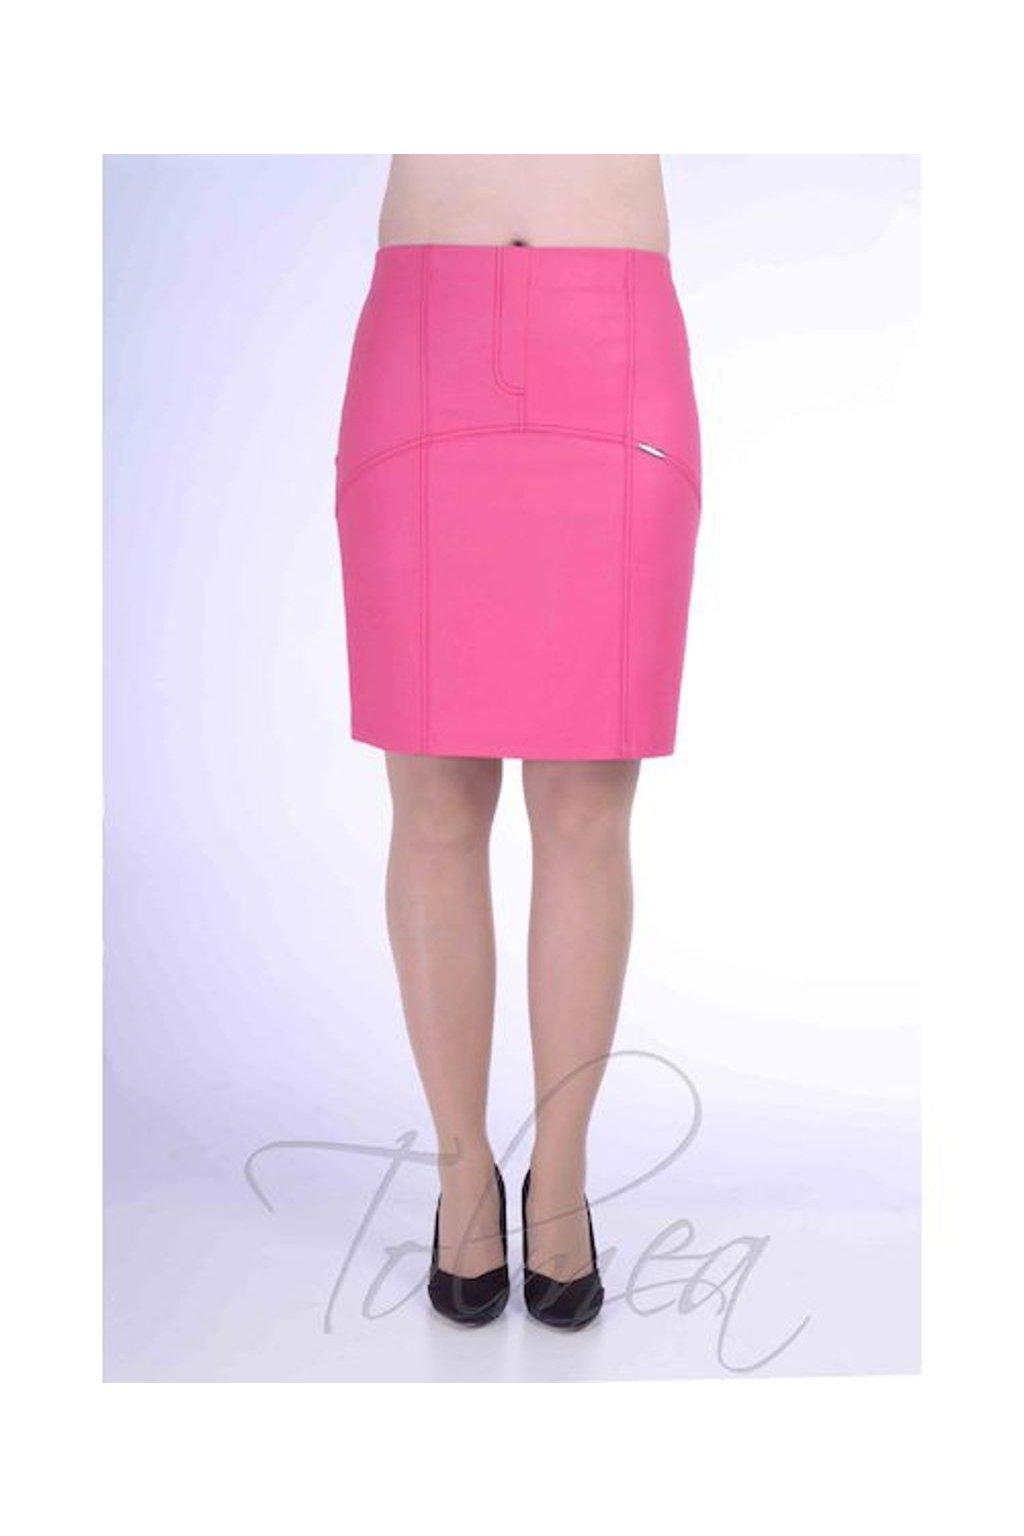 Sukně členěná koženka 0818 (Velikost 36, Barva Růžová)